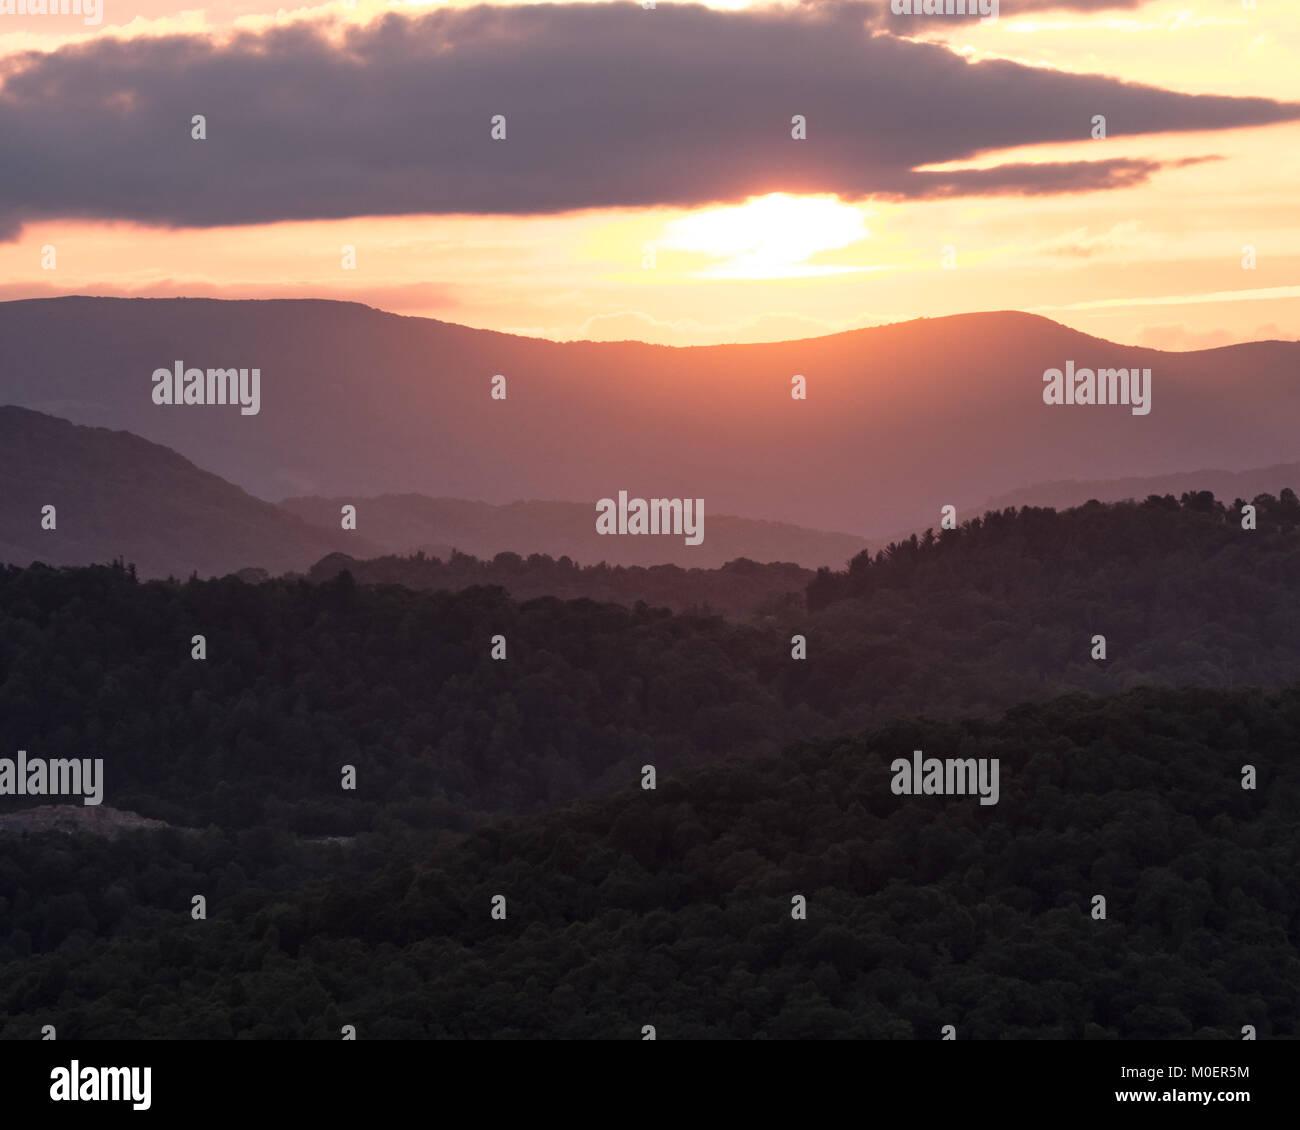 Sun Begins to Set Below Blue Ridge Mountain Ridges - Stock Image